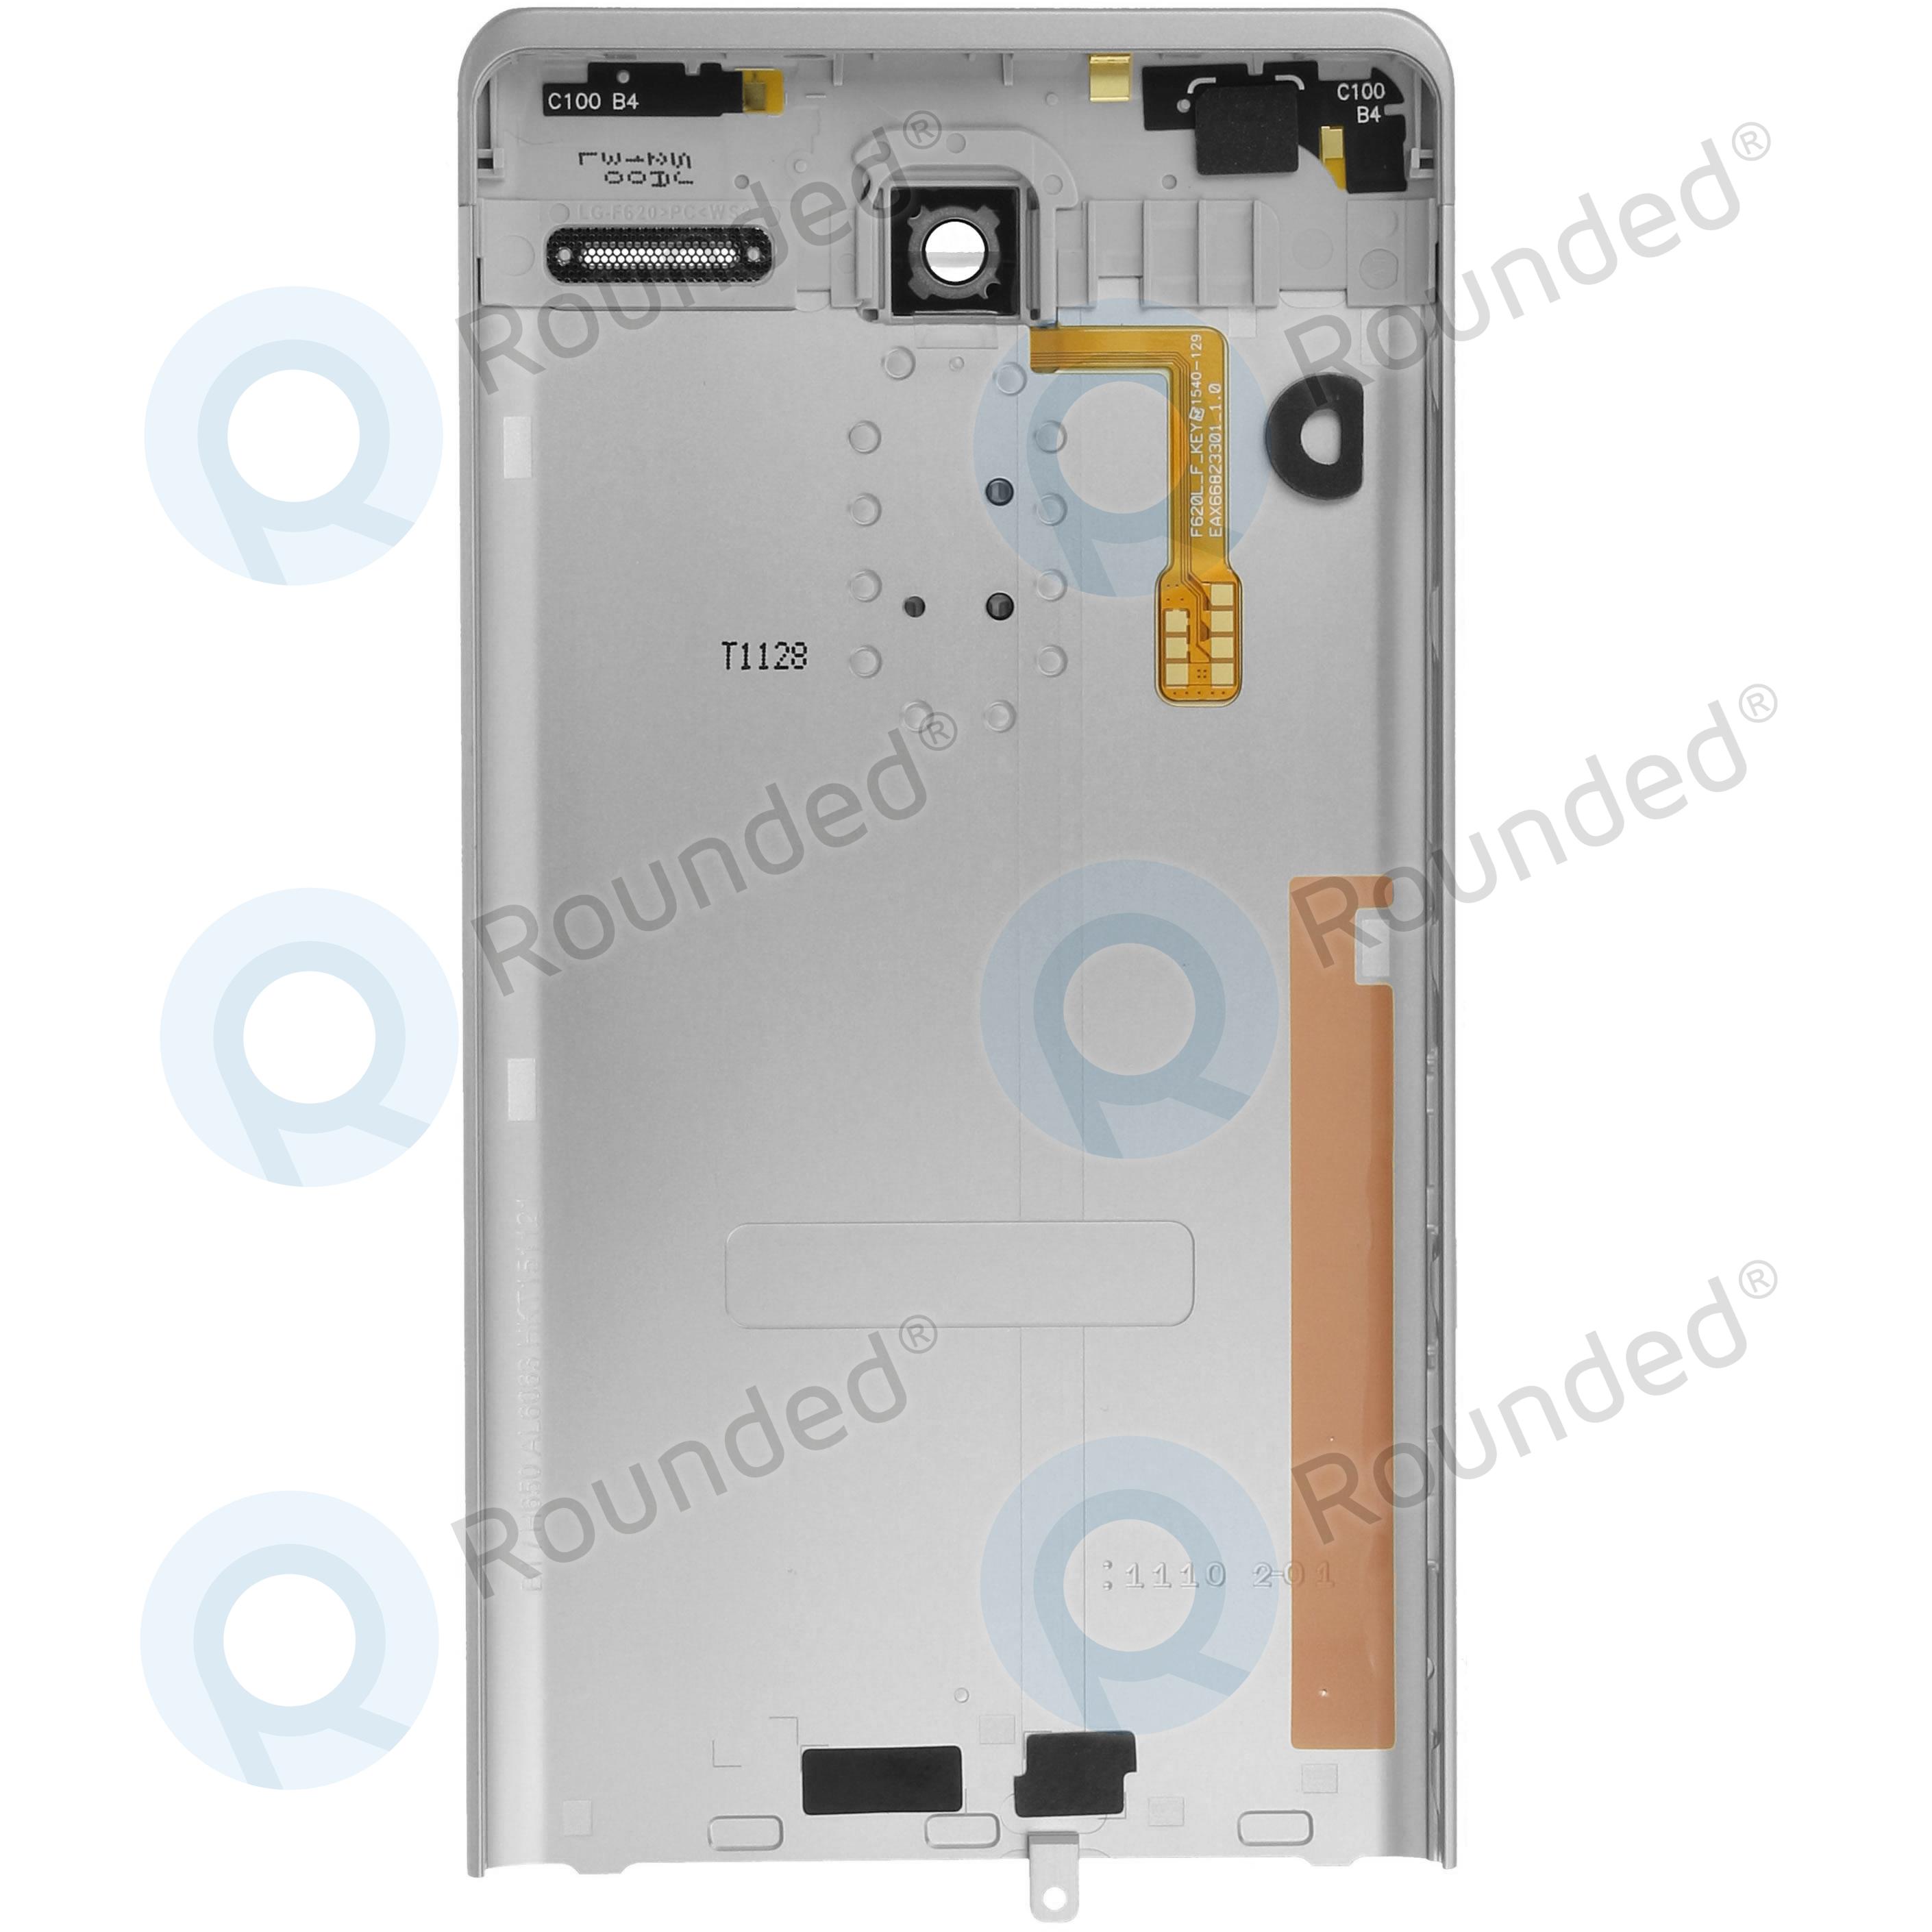 9e314f72bcf3a8 ... LG Zero (H650) Battery cover silver ACQ88668112 image-1